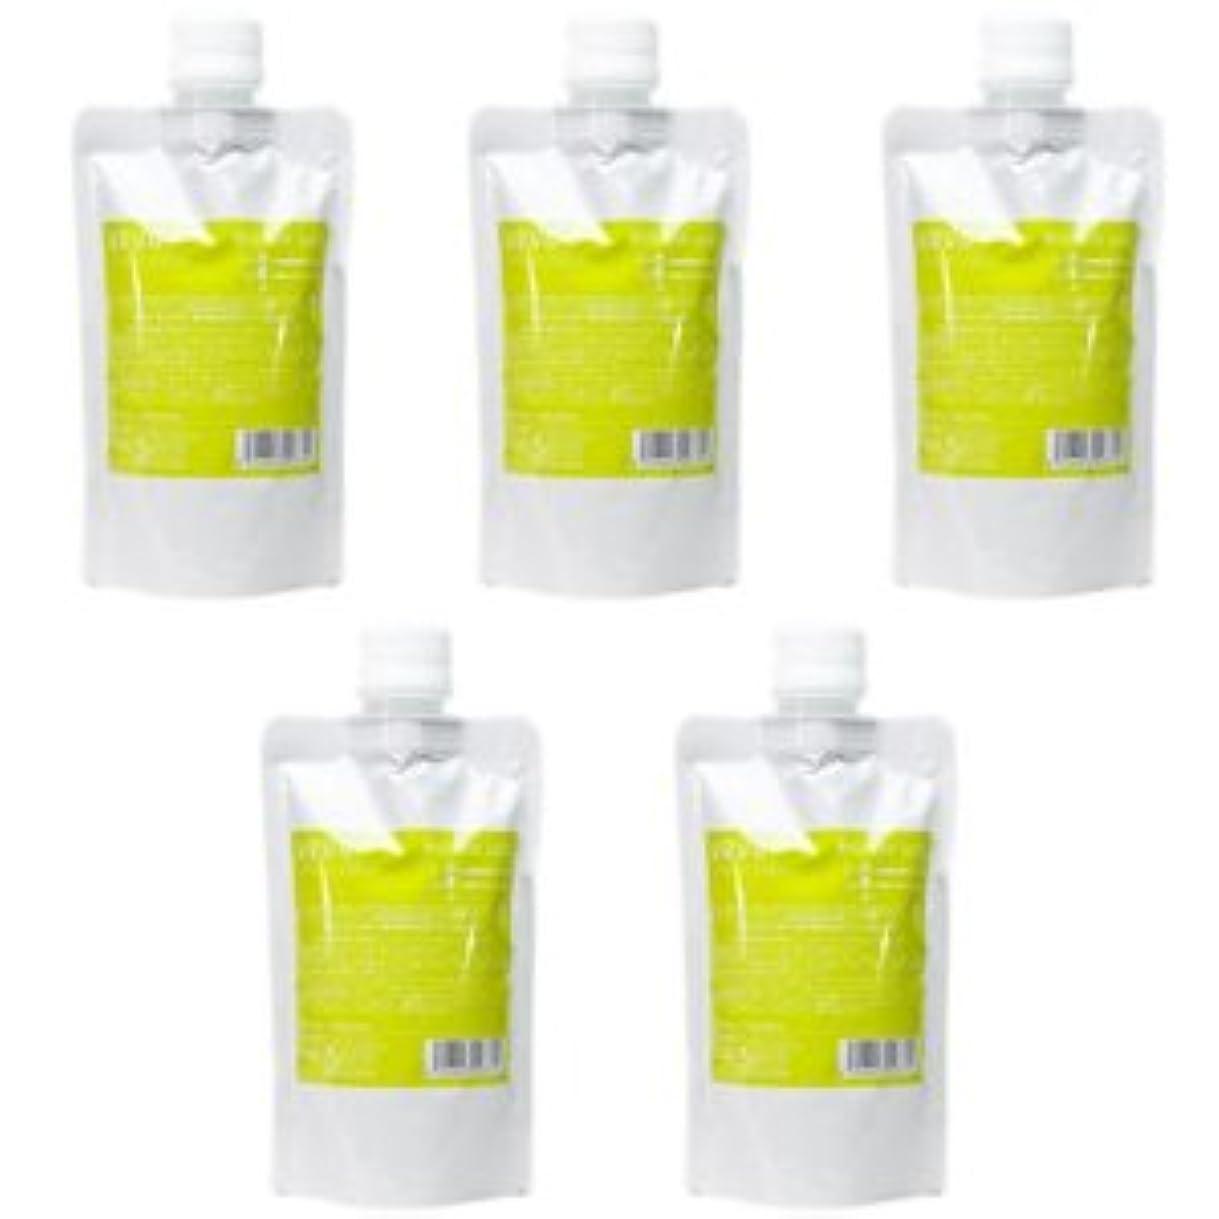 カウントアップおもちゃマンハッタン【X5個セット】 デミ ウェーボ デザインキューブ エアルーズワックス 200g 業務用 airloose wax DEMI uevo design cube